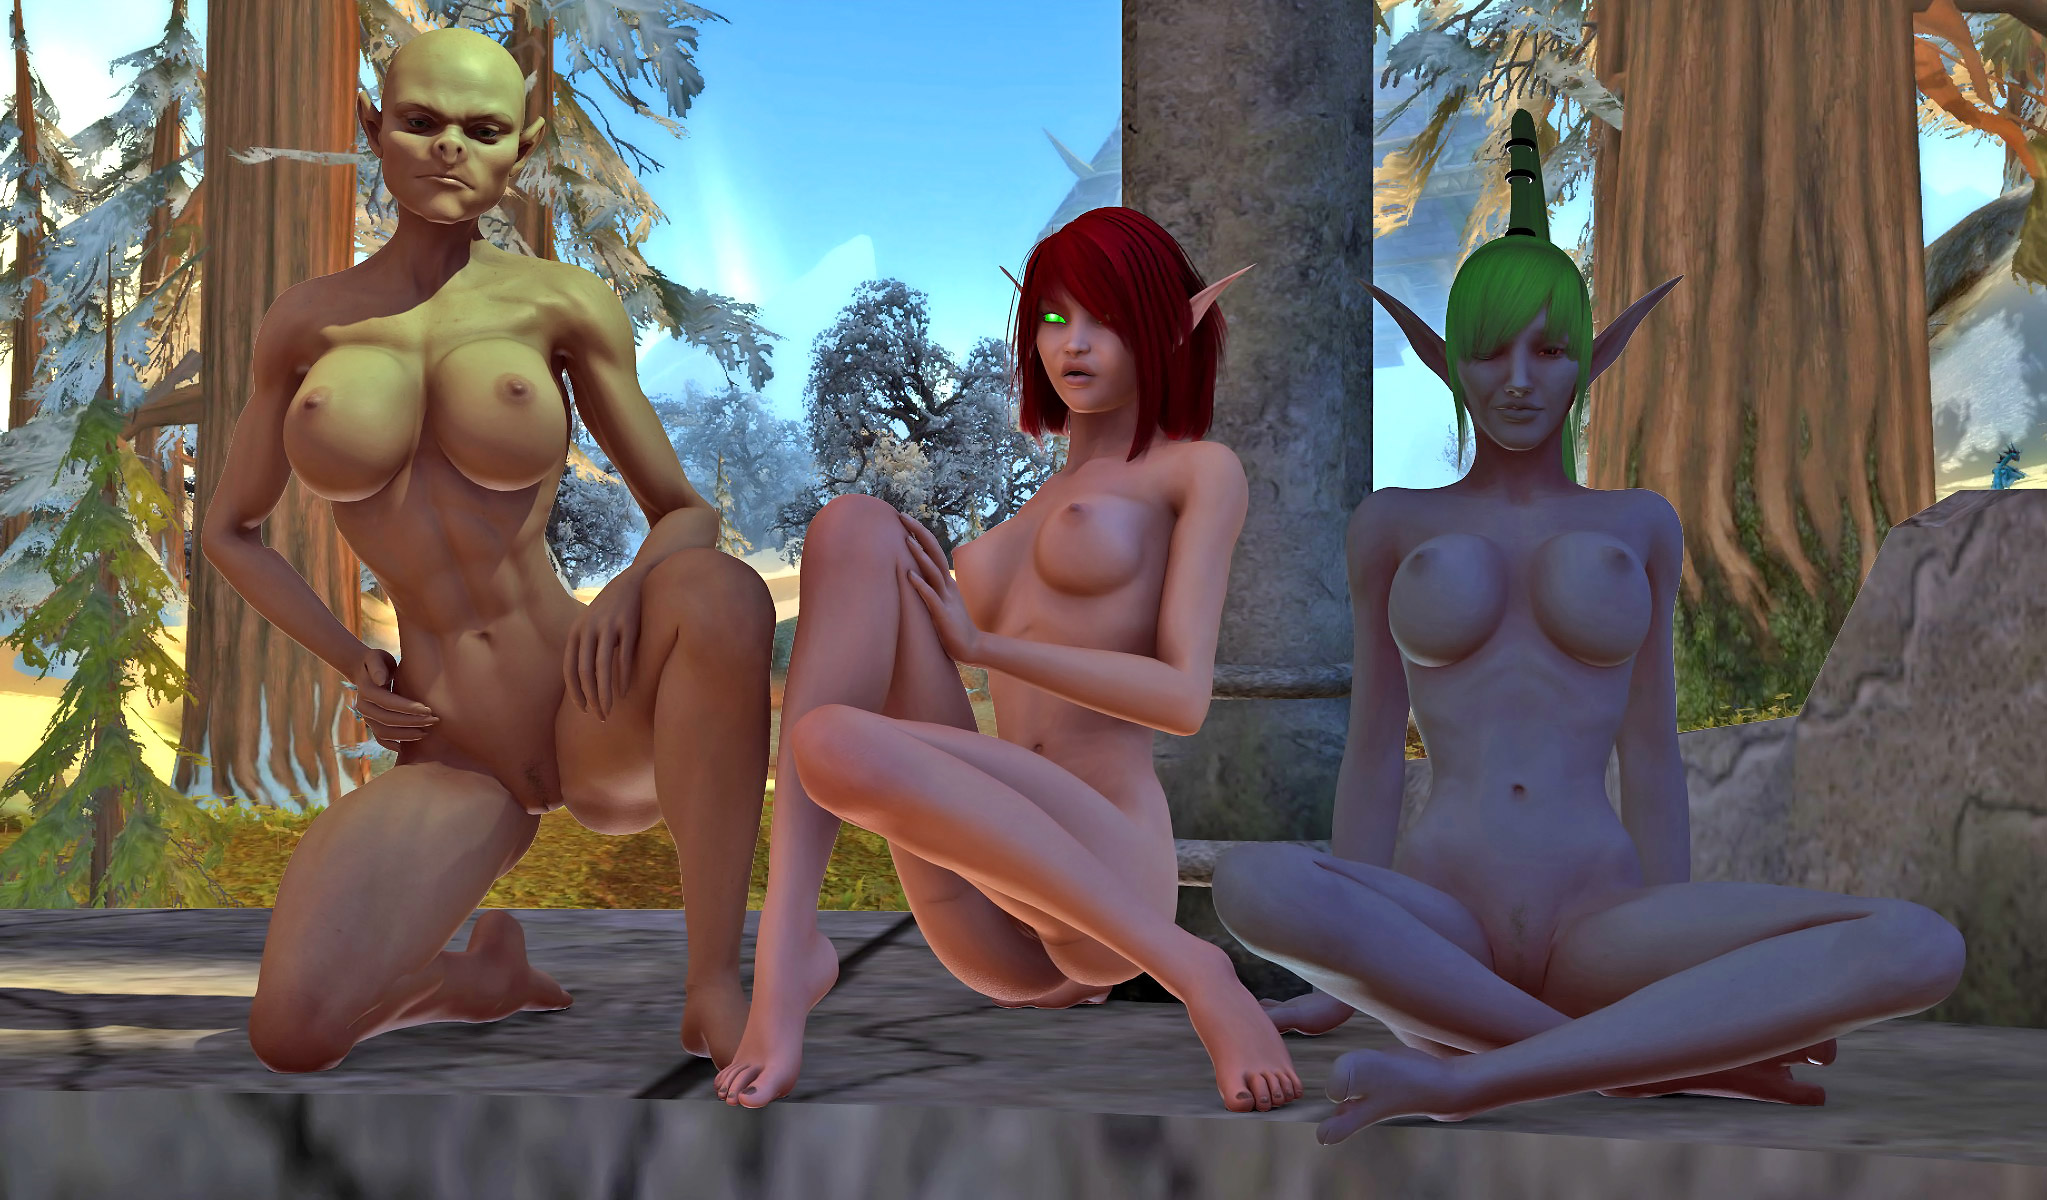 Elf xxxpics you porn hentia image